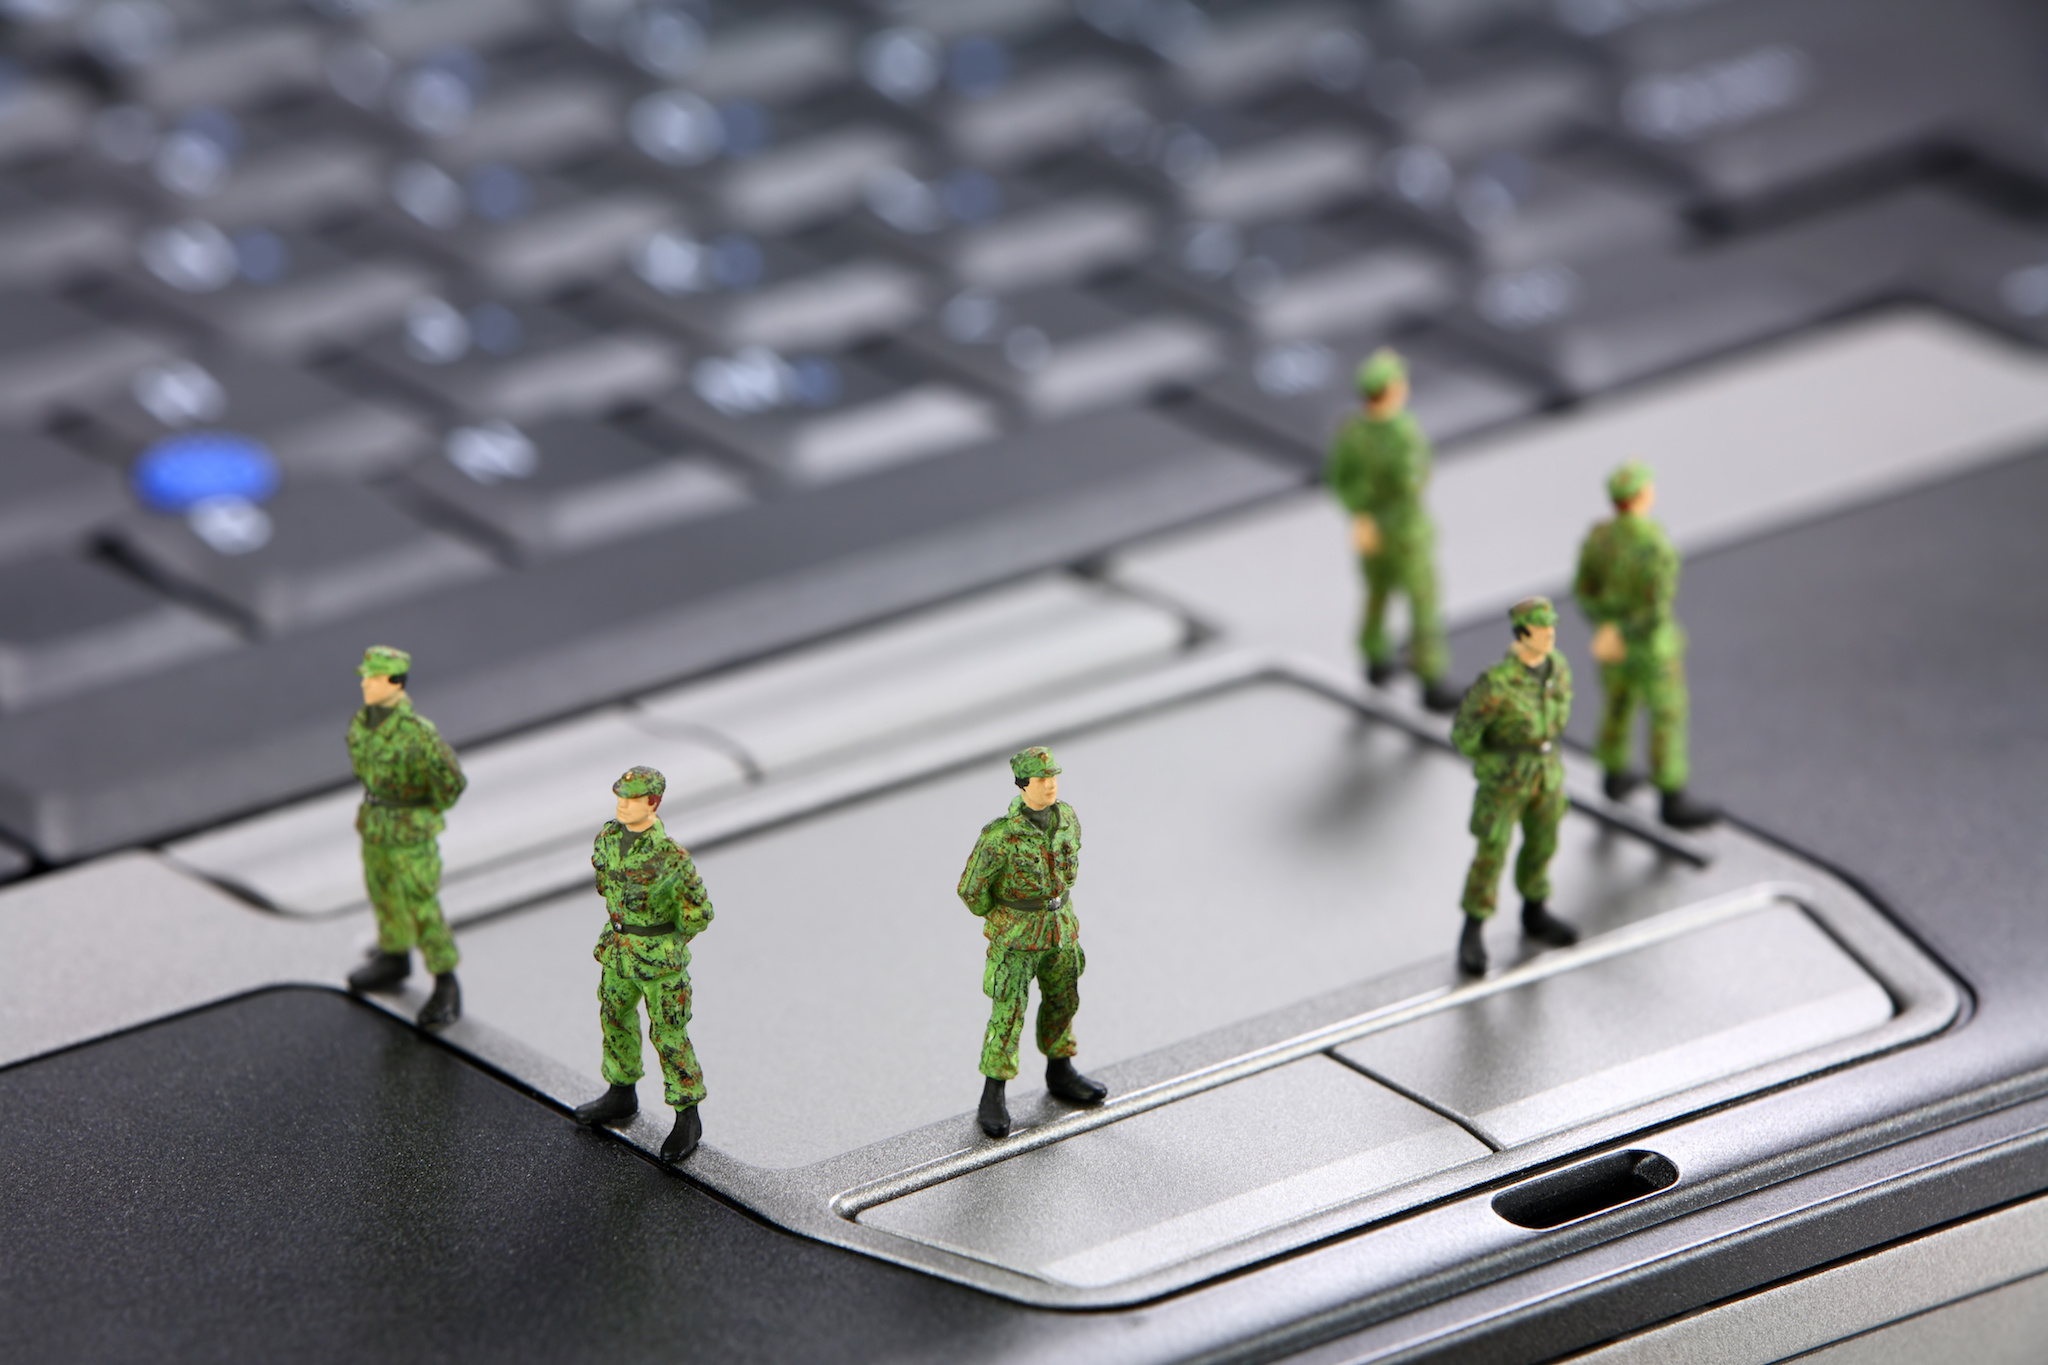 Datensicherheit: Schützen Sie Geschäftsdaten